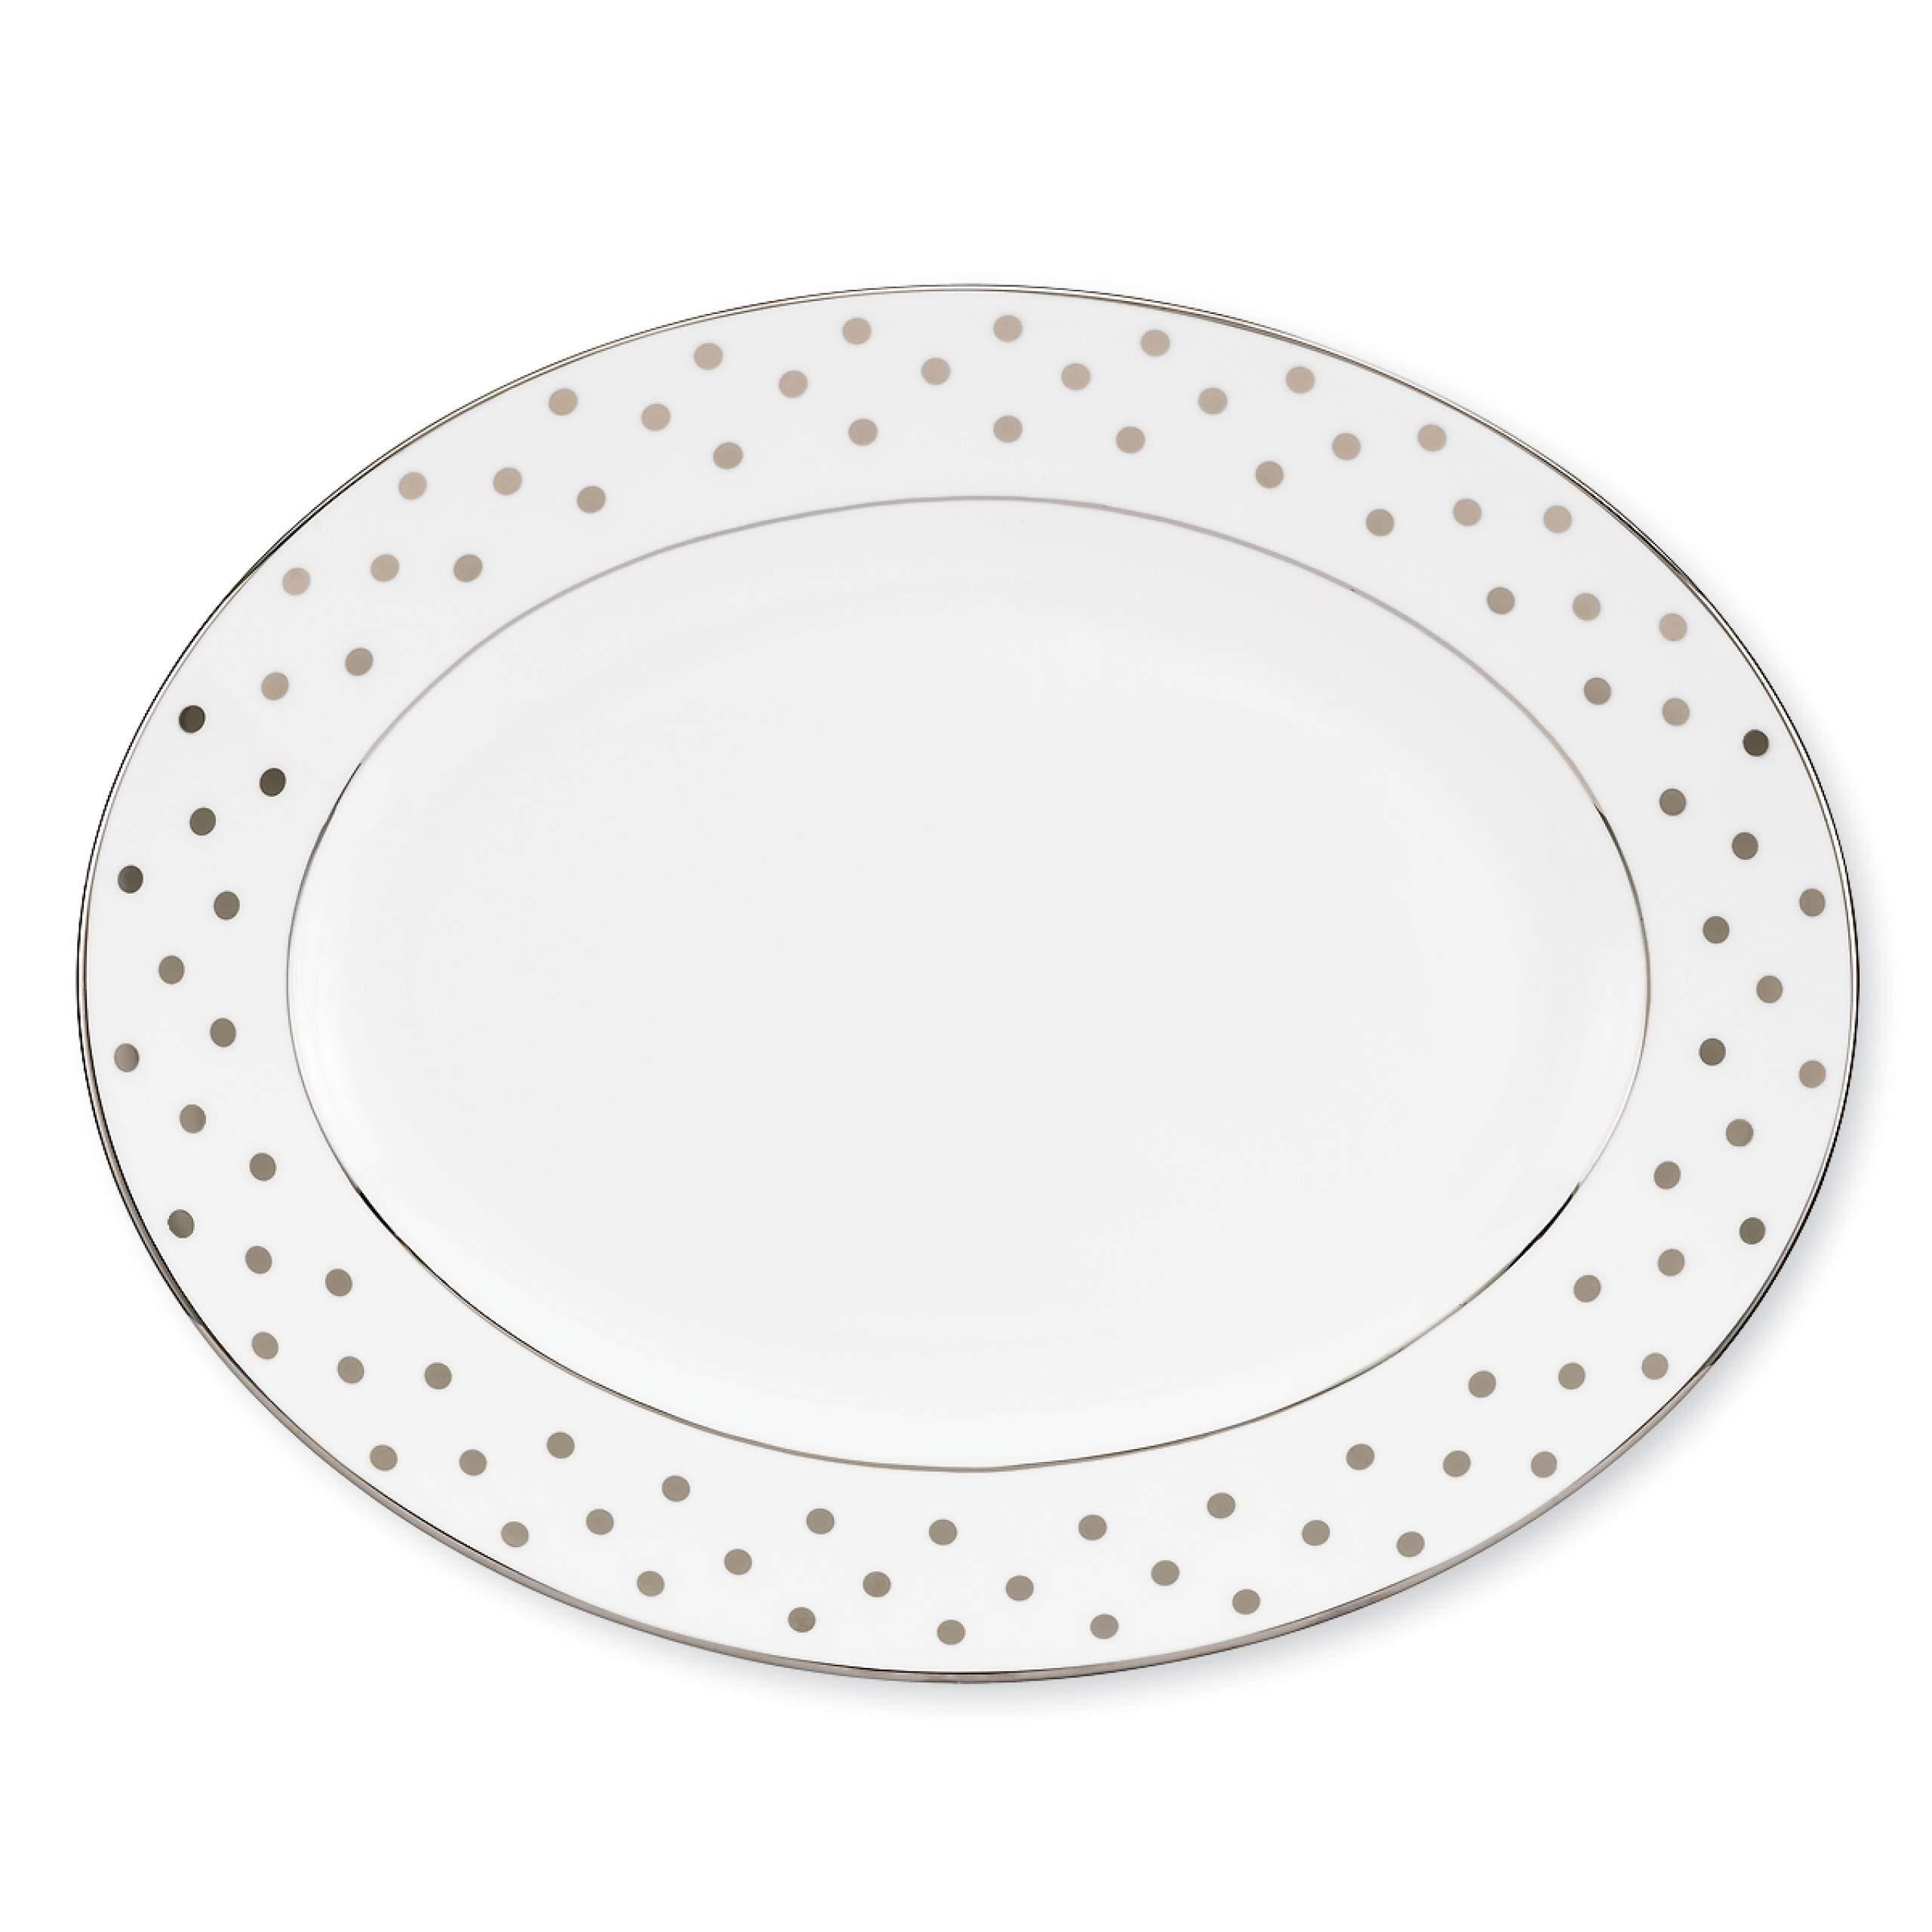 Kate Spade New York 815500 Larabee Road Platinum 13'' Oval Platter, White